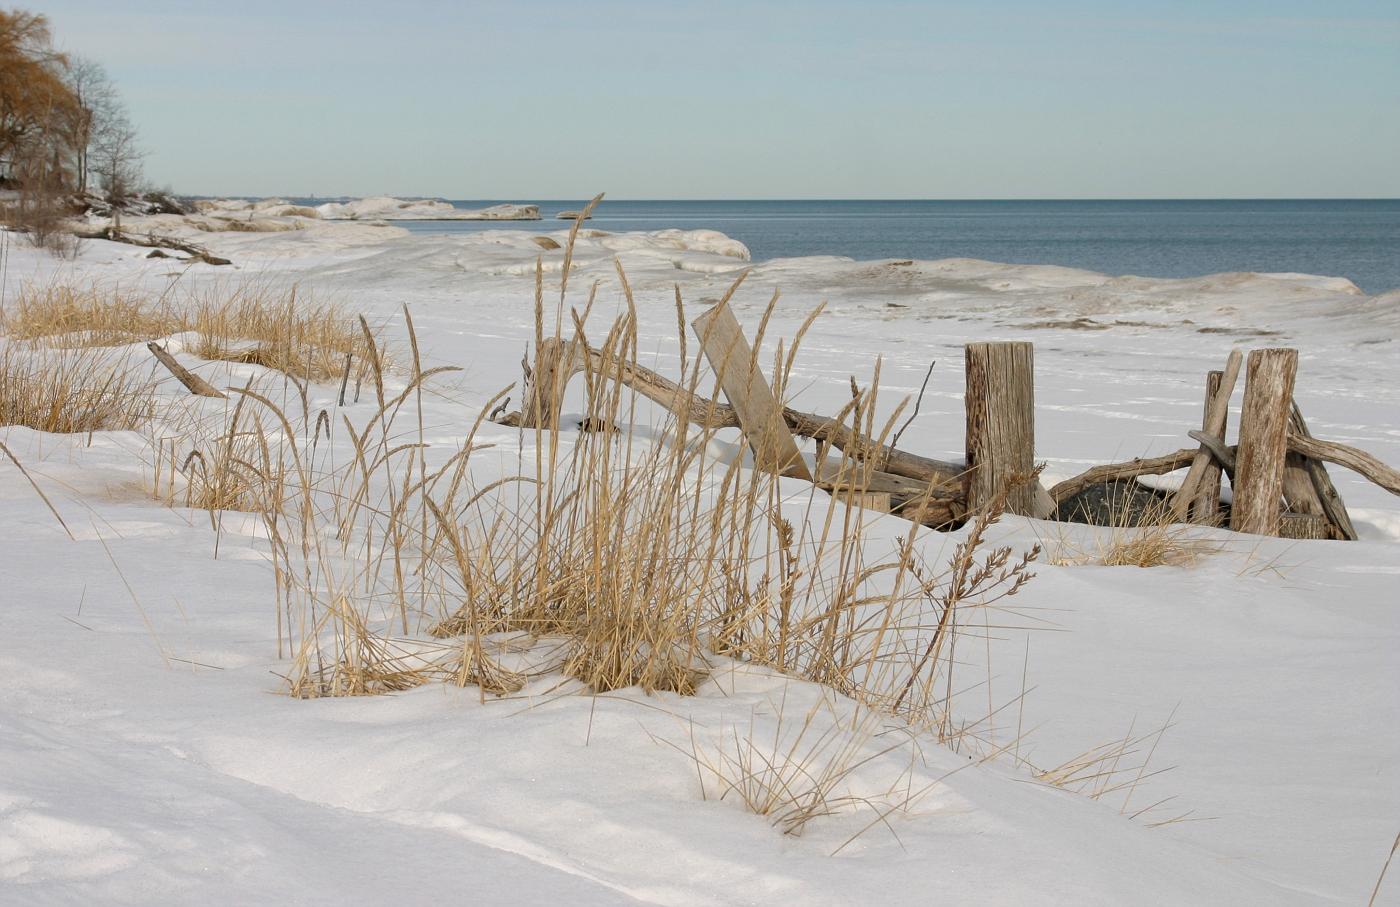 Winter Beach Scenes Winter beach scene 1400x907